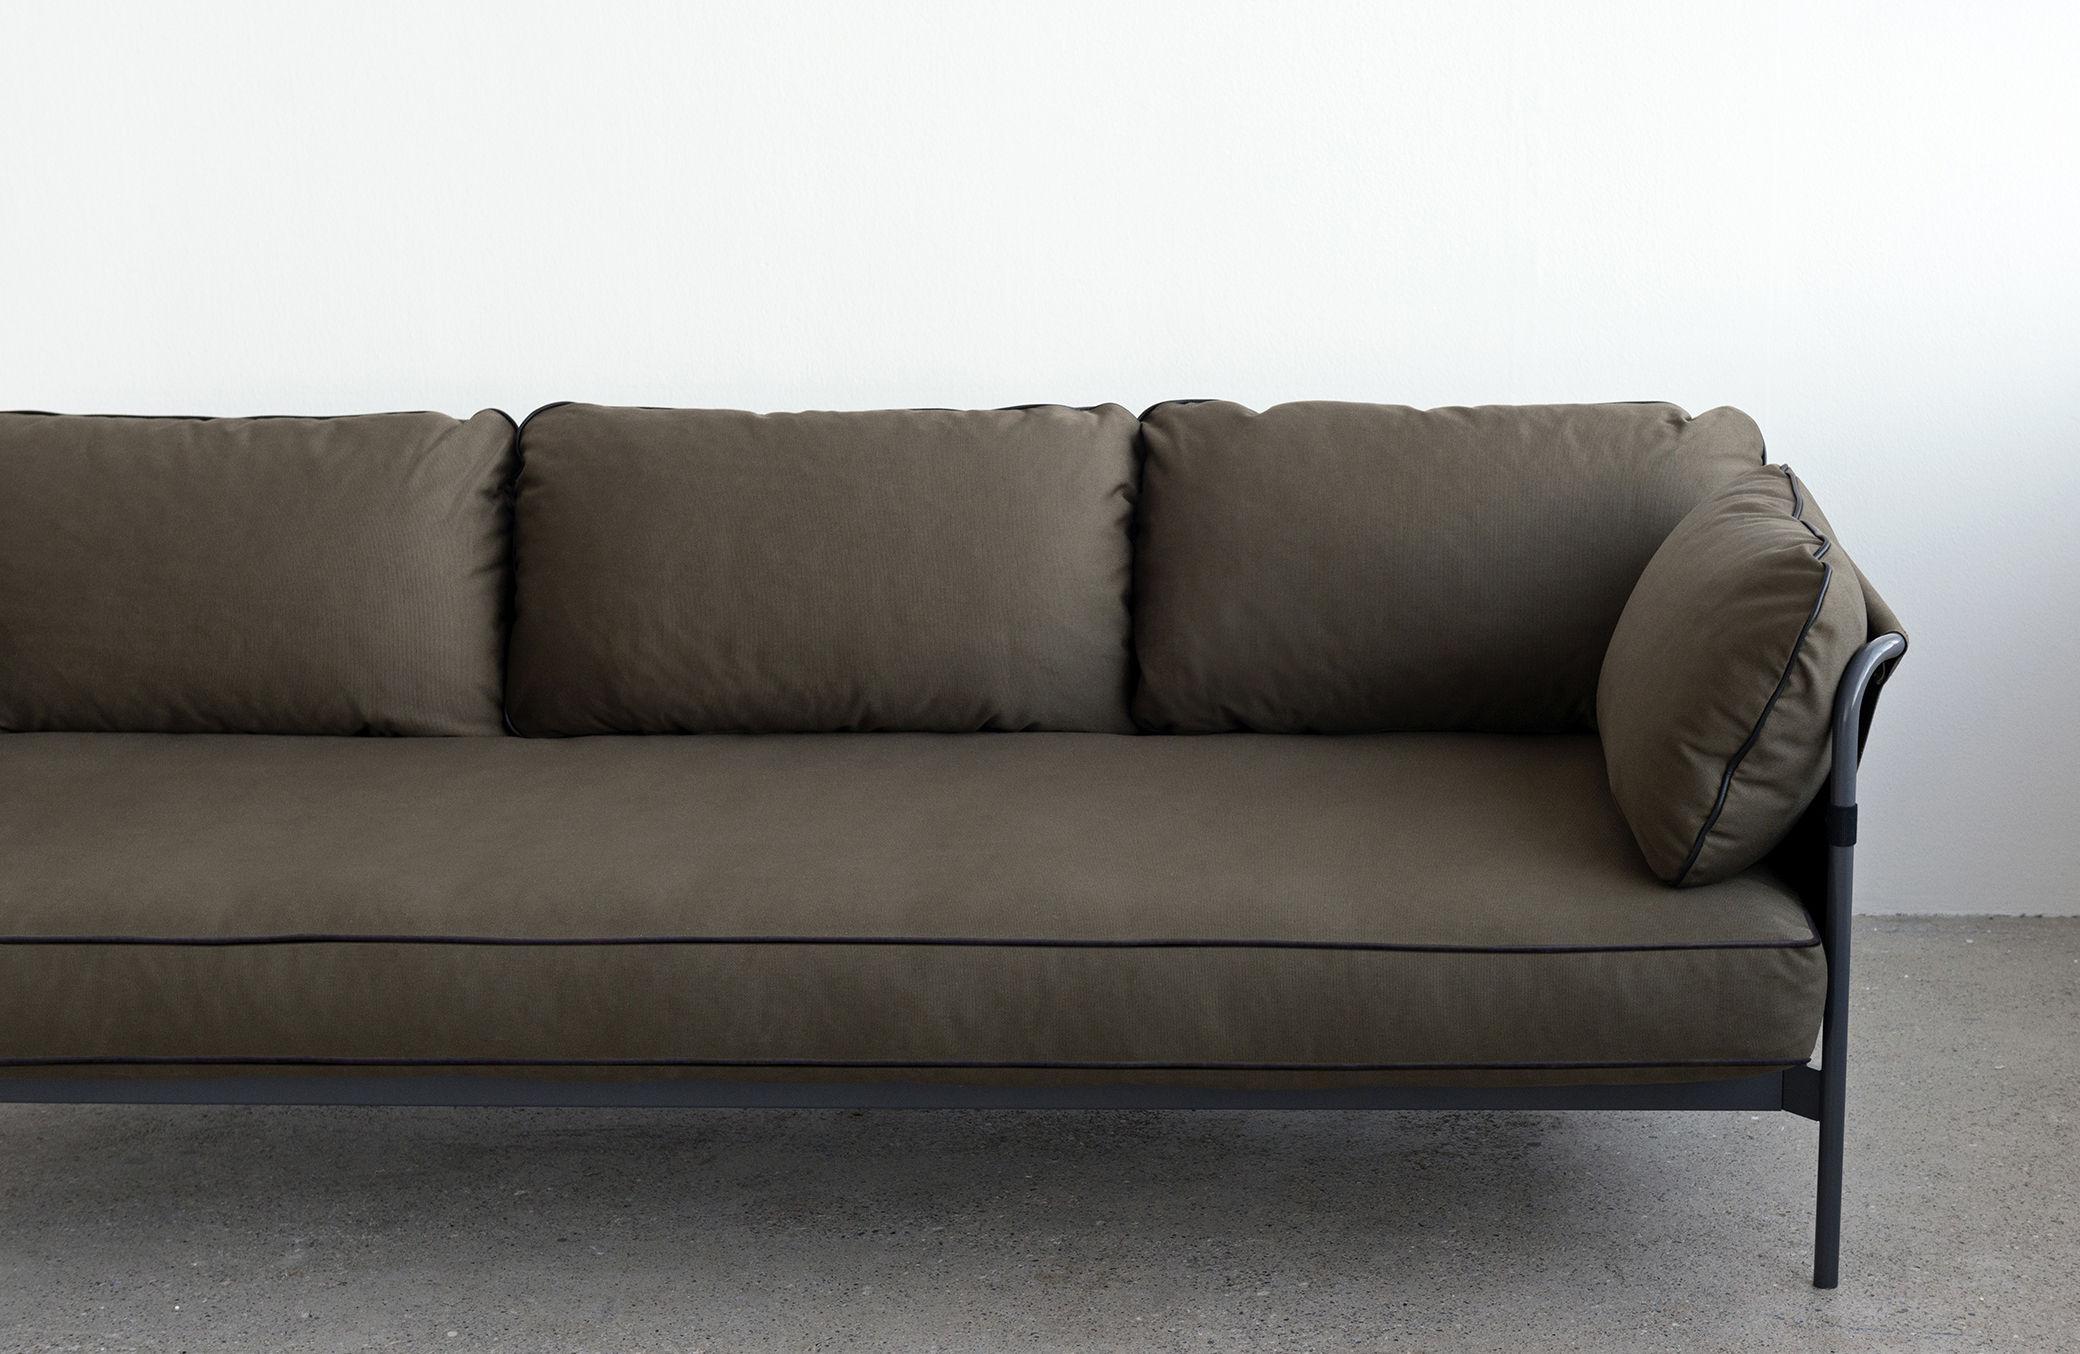 canap droit can 3 places structure grise kaki c t s kaki hay. Black Bedroom Furniture Sets. Home Design Ideas